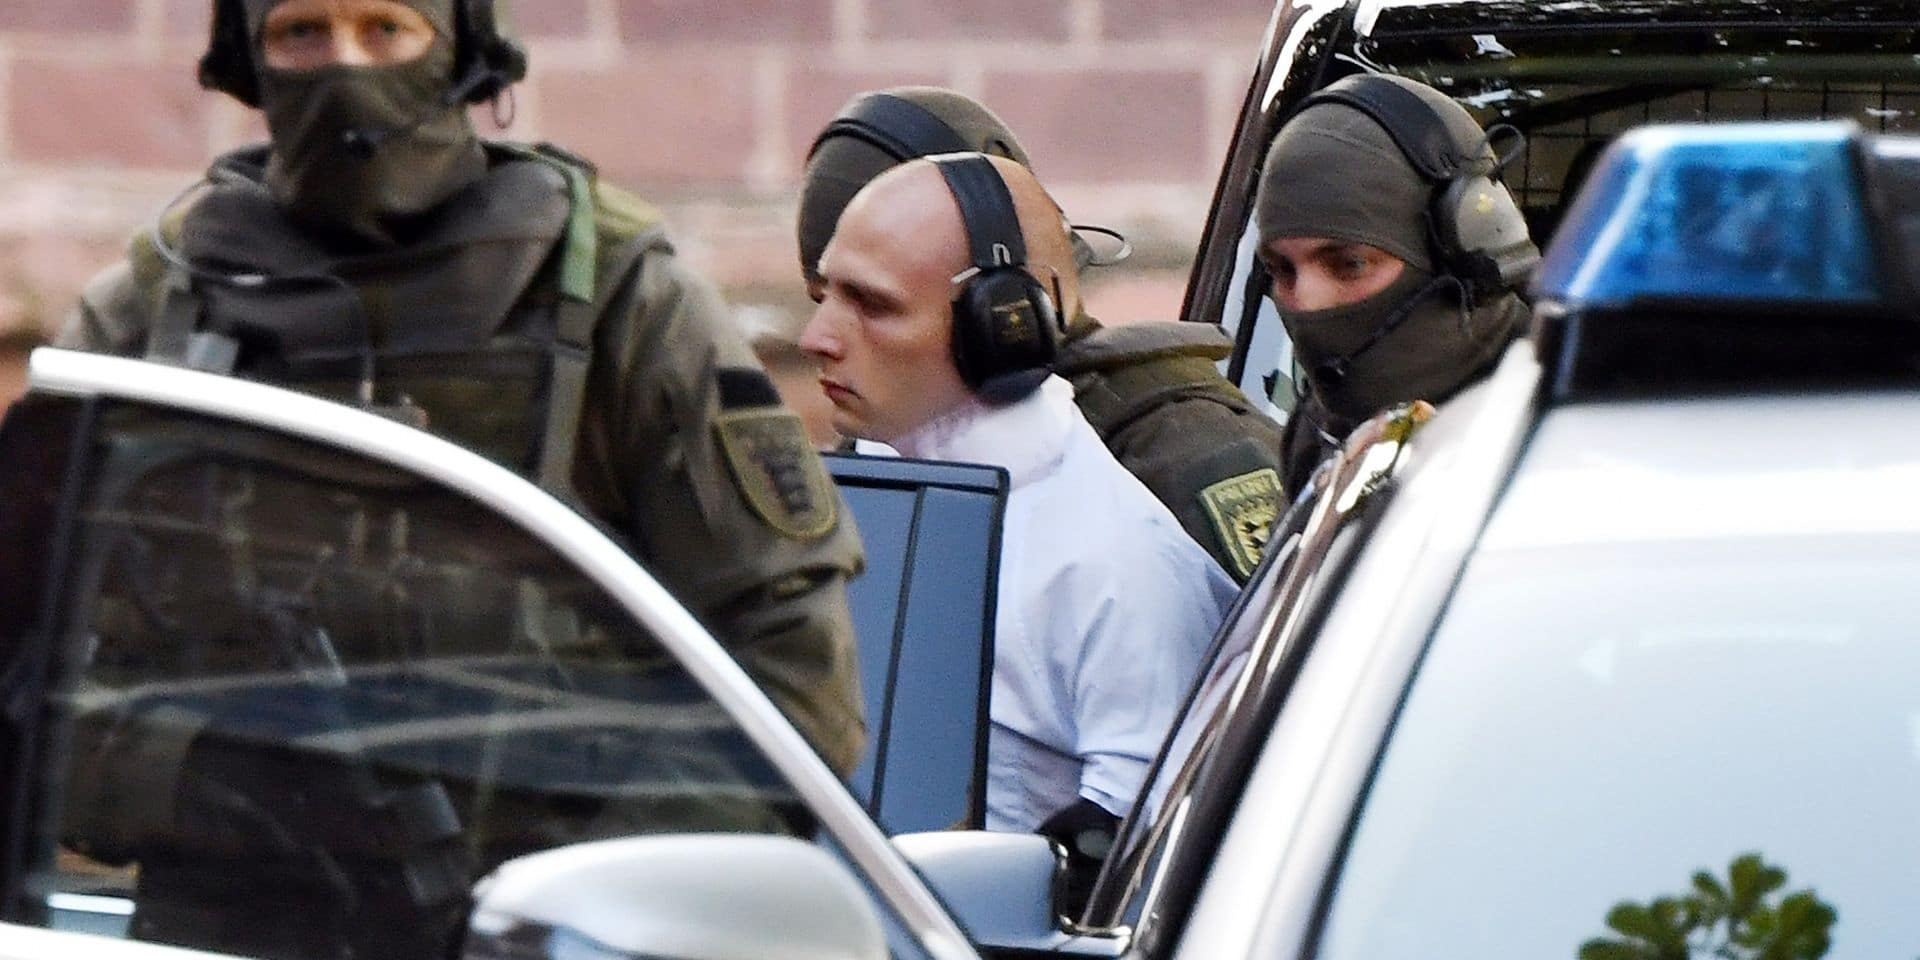 Le tueur de Halle avait acheté son arme sur le Darkweb